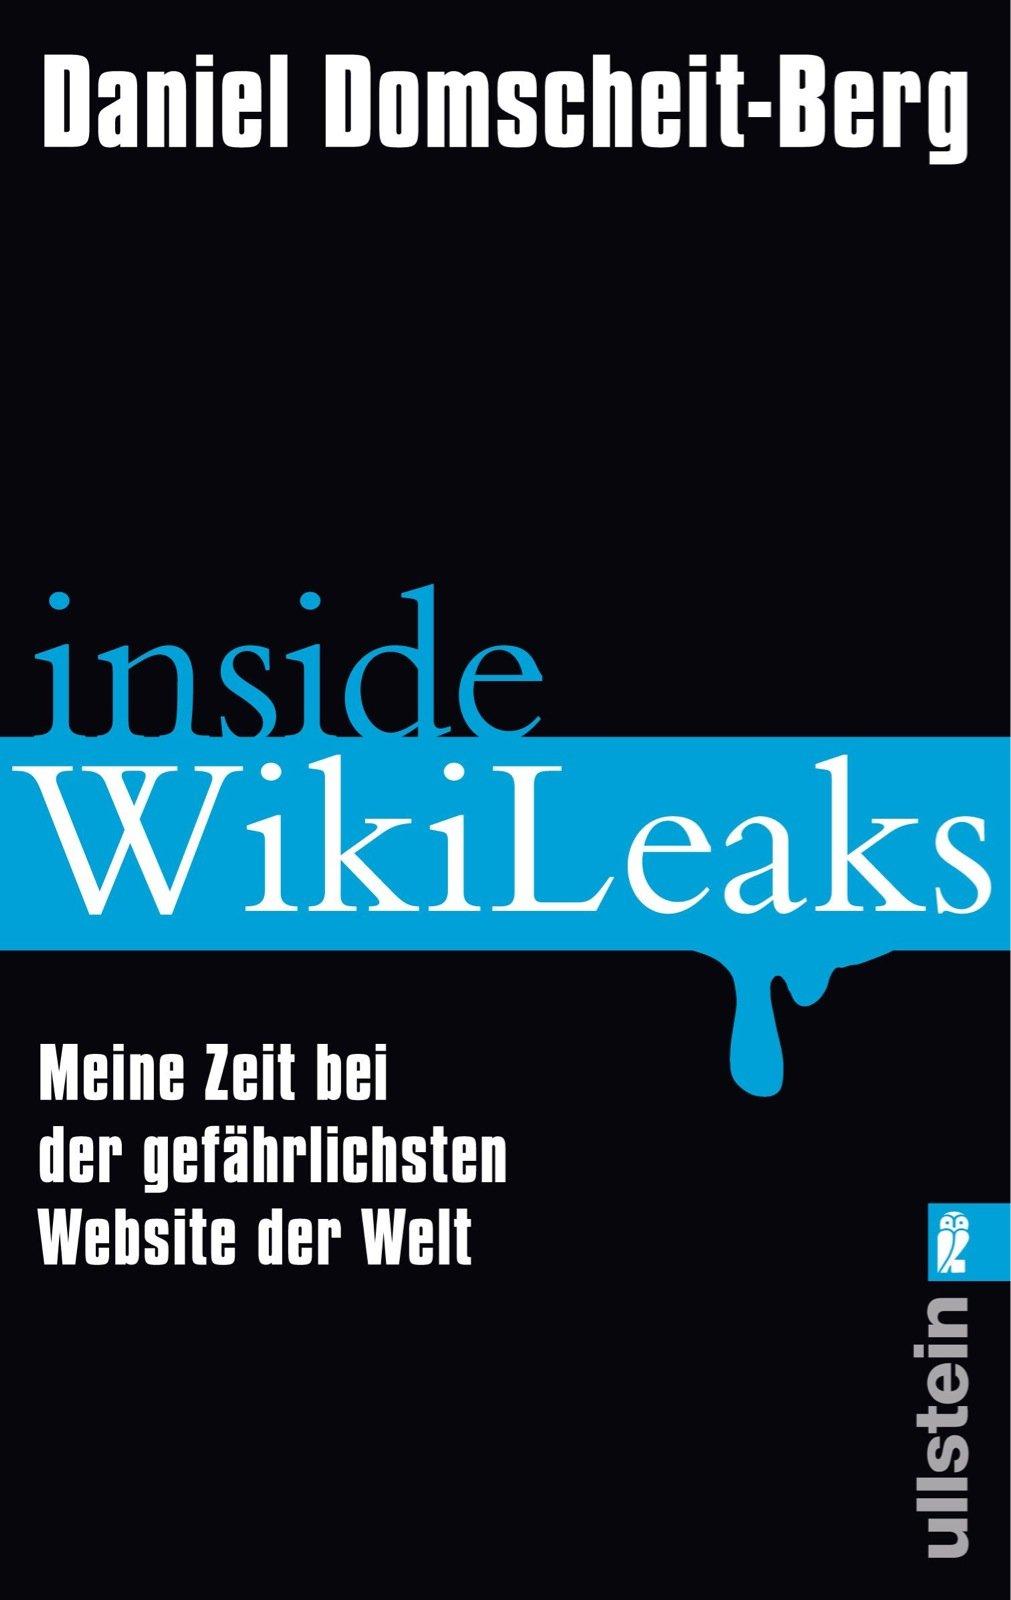 inside-wikileaks-meine-zeit-bei-der-gefhrlichsten-website-der-welt